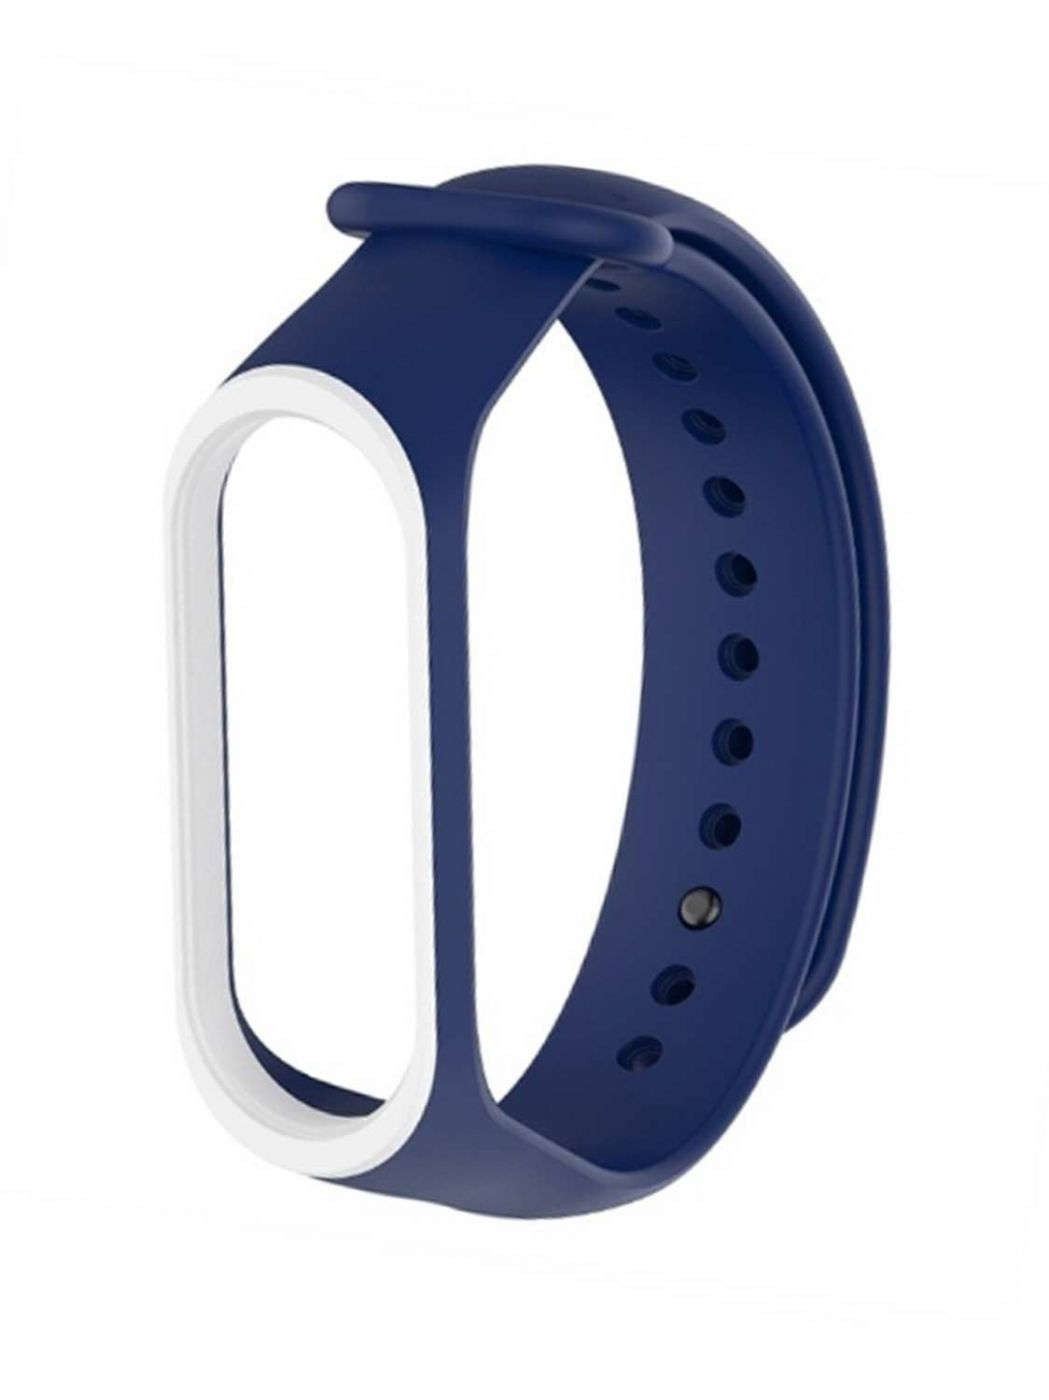 Сменный двухцветный ремешок на фитнес-браслет Xiaomi mi band 5 ( Темно синий-белый )